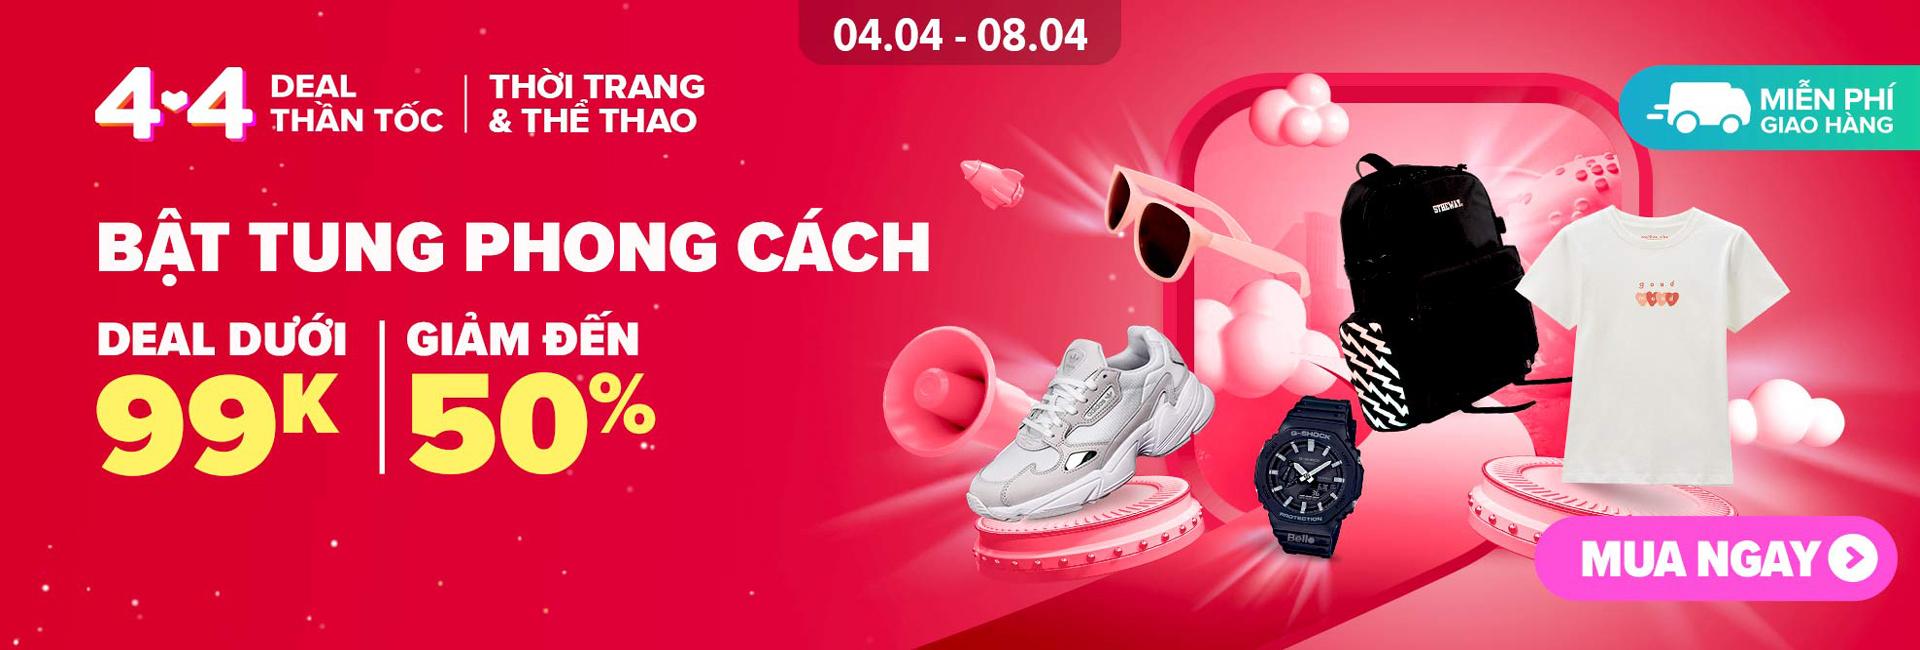 Bình Minh Official - Công Ty TNHH Family Fashion